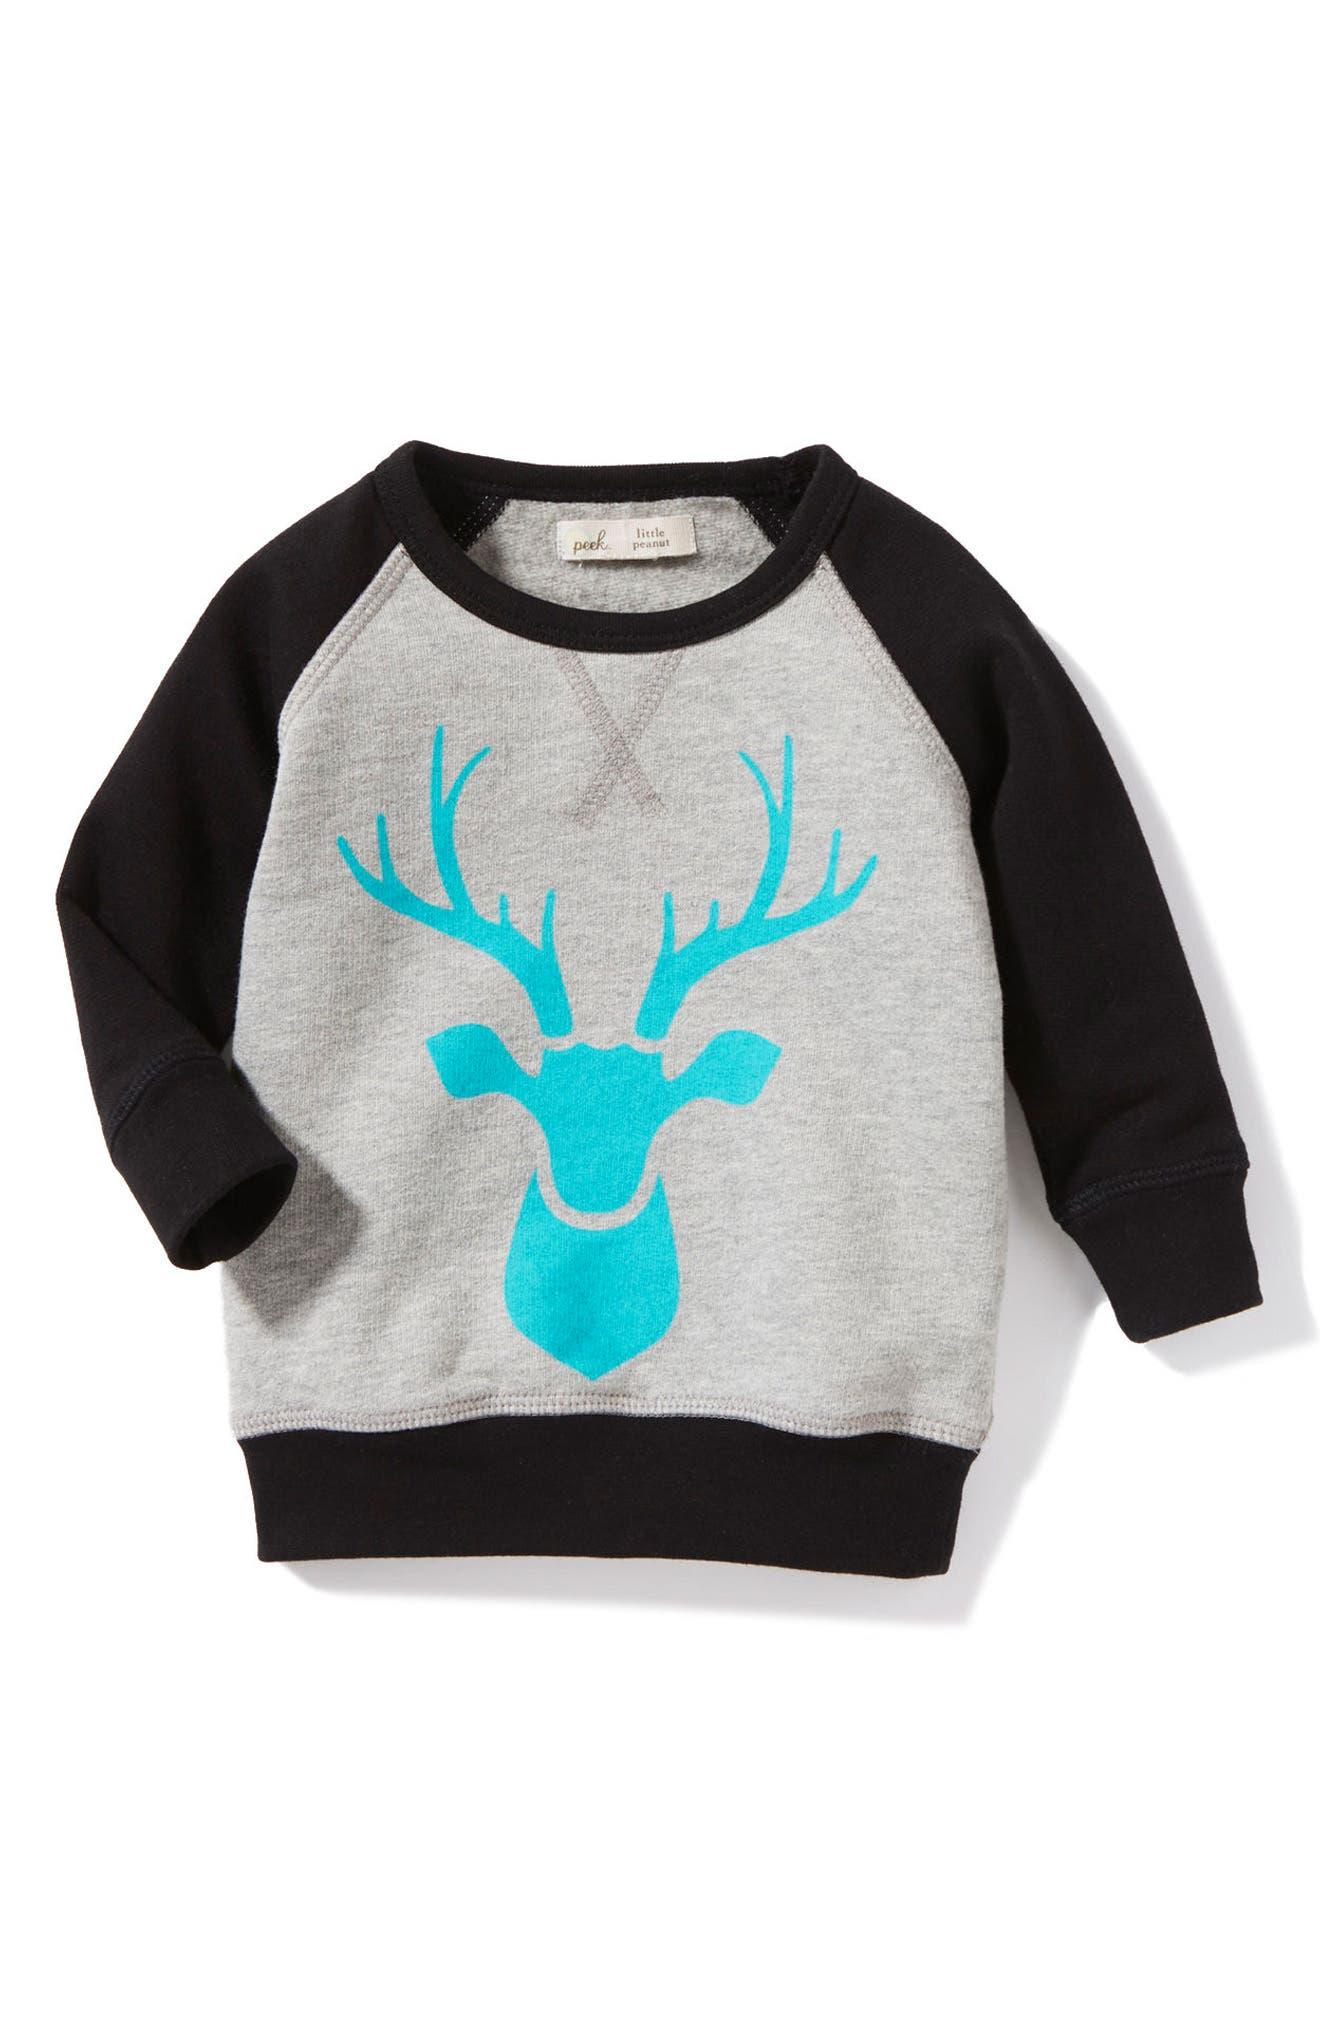 Main Image - Peek Reindeer Sweatshirt (Baby Boys)